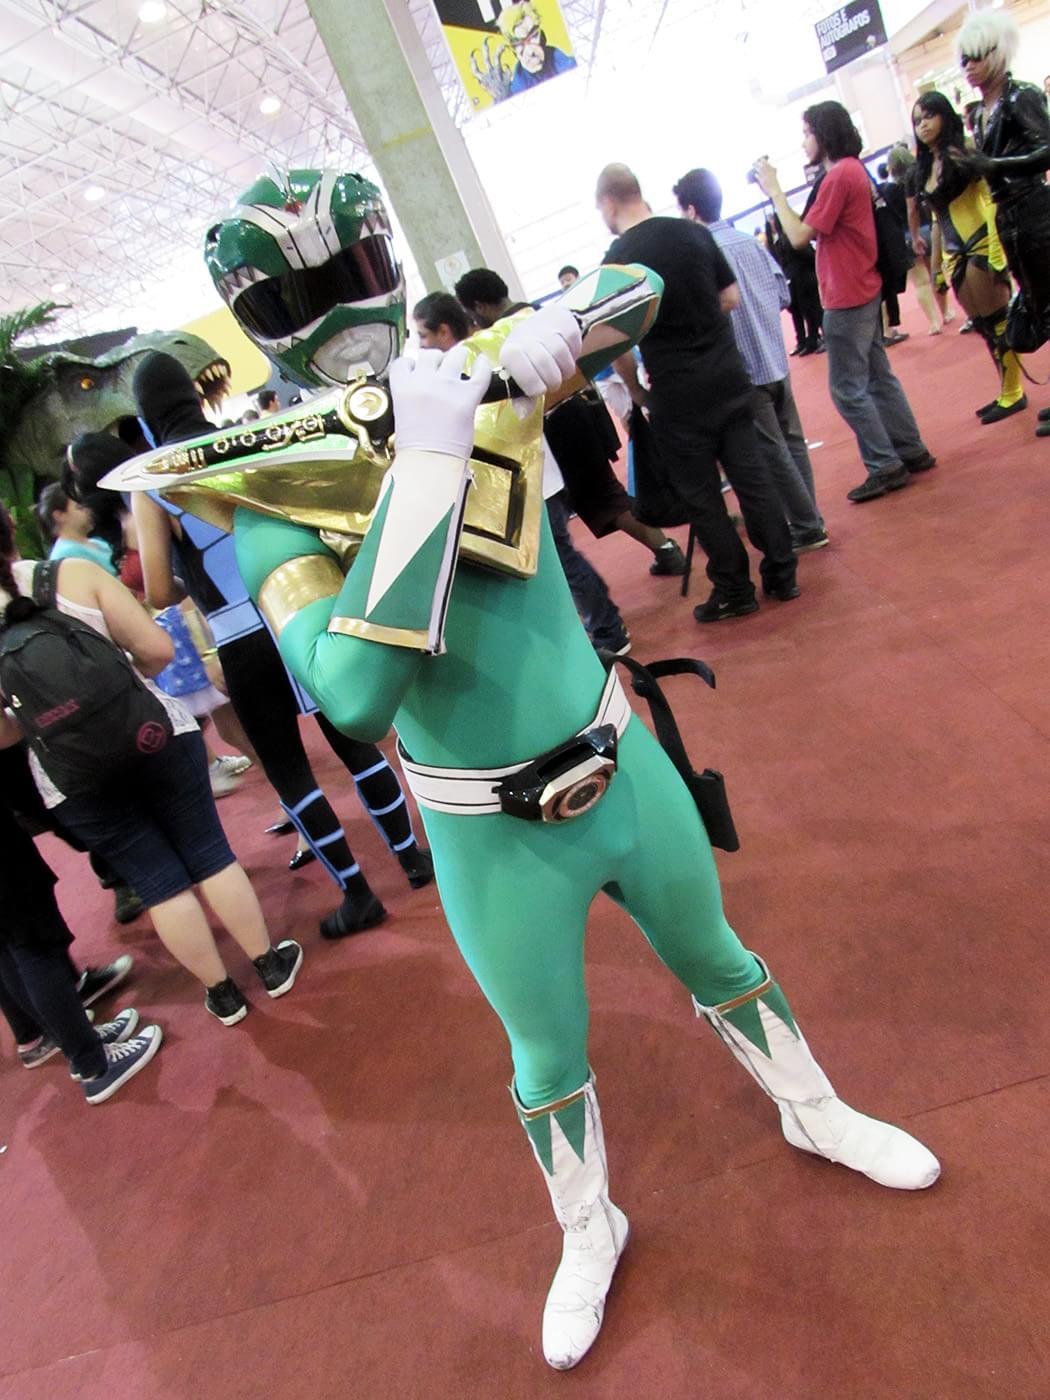 Dominando o evento: confira nossa galeria com mais de 100 cosplays da CCXP